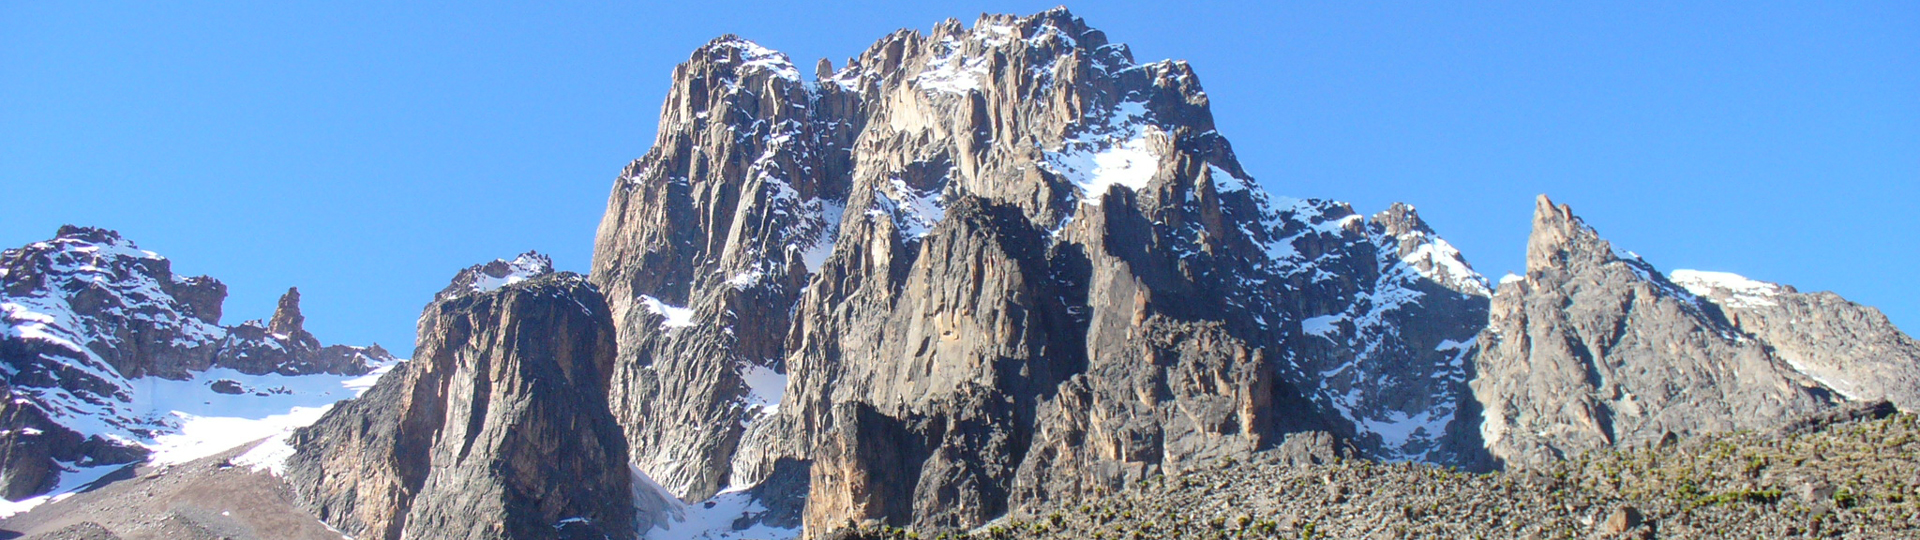 Mount-Kenya-046